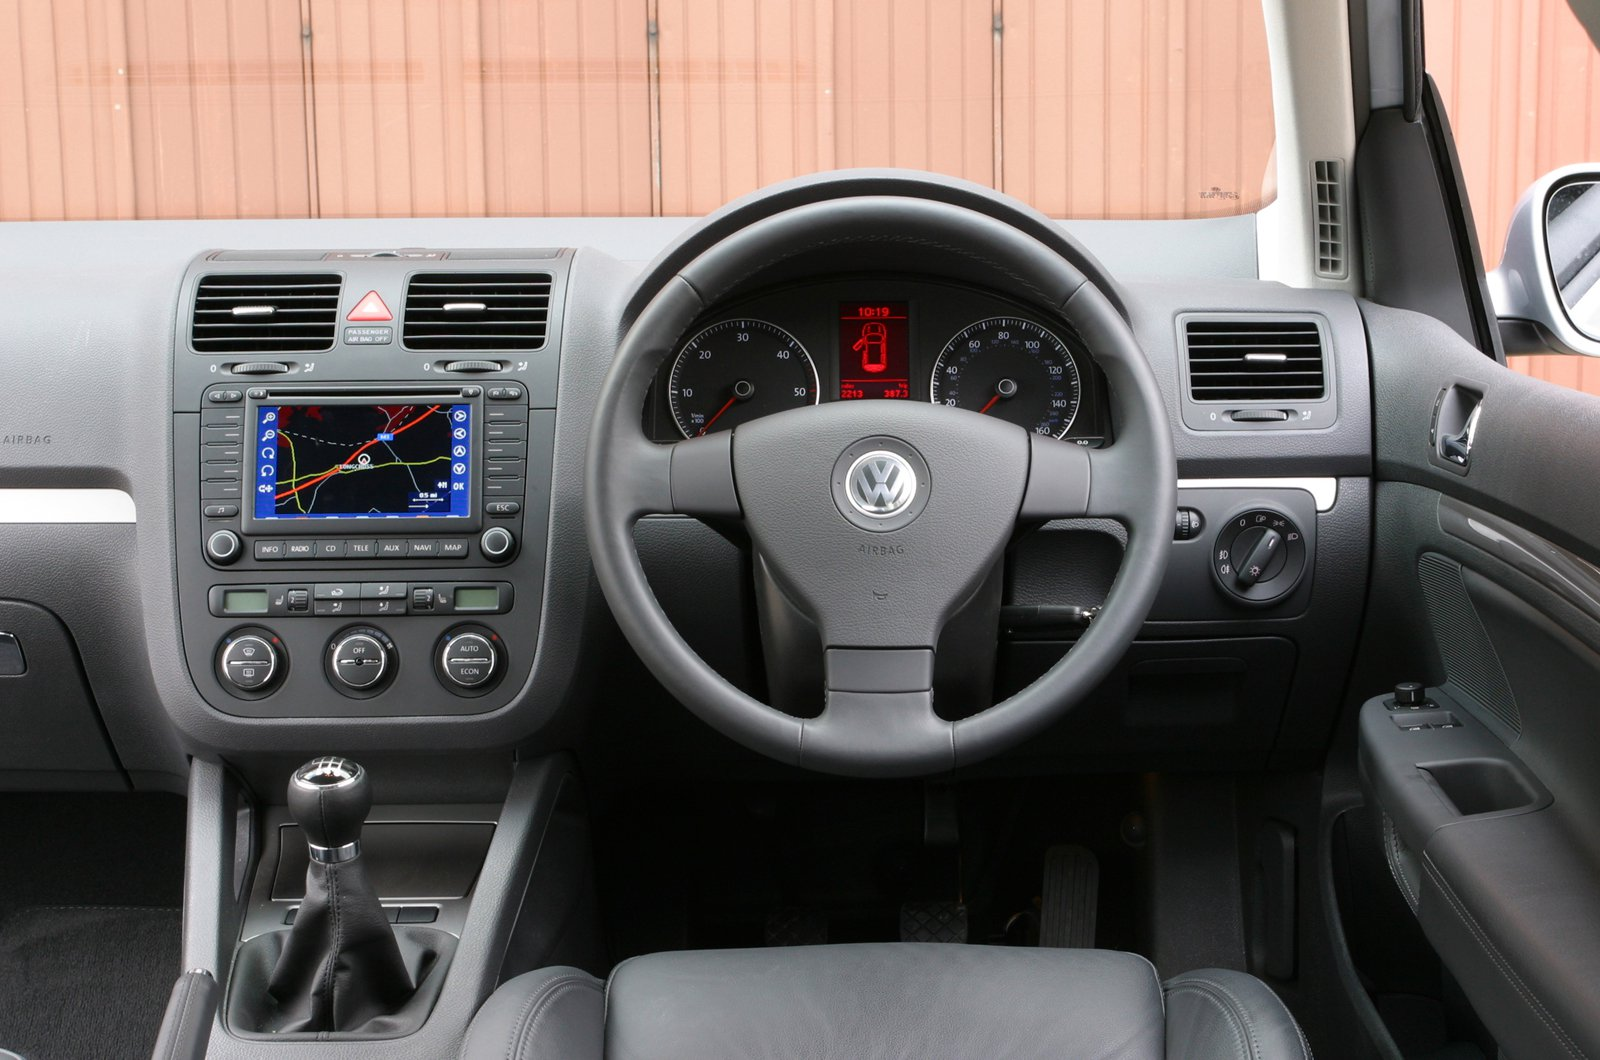 Volkswagen Golf Mk5 dashboard